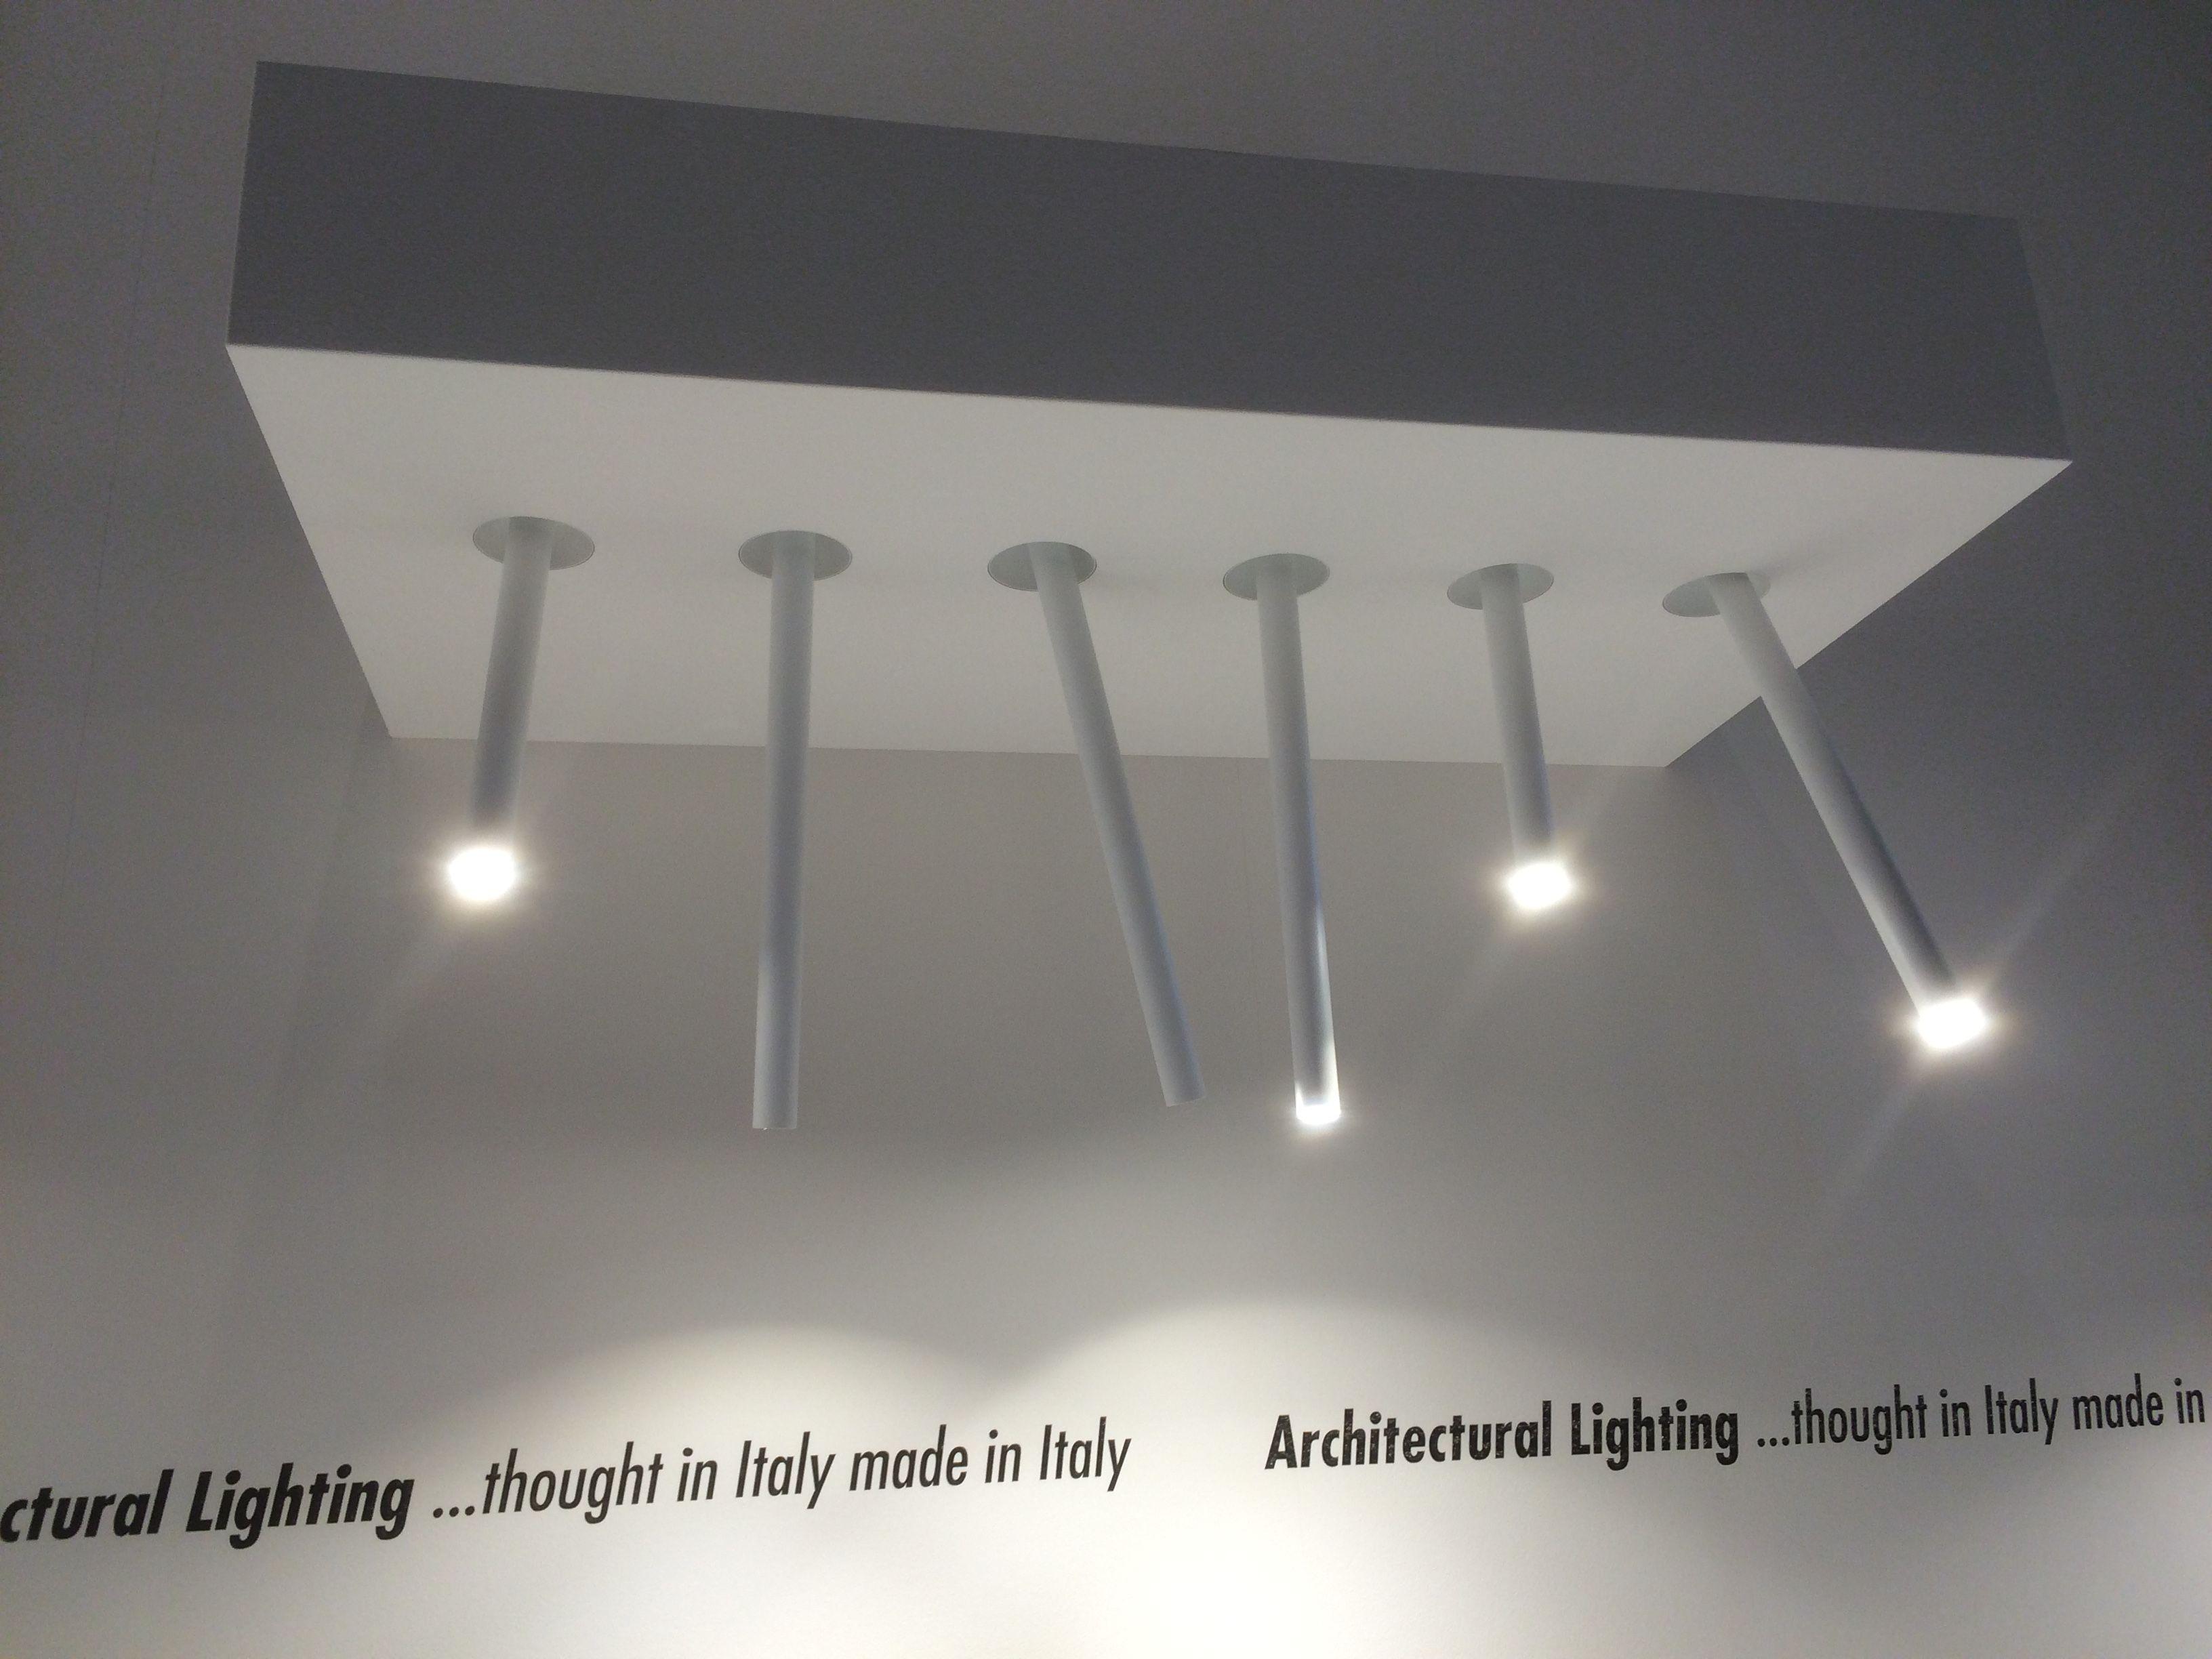 Svietidlá od OTY LIGHT & Svietidlá od OTY LIGHT | SVIETIDLÁ / LIGHT FIXTURES | Pinterest ... azcodes.com